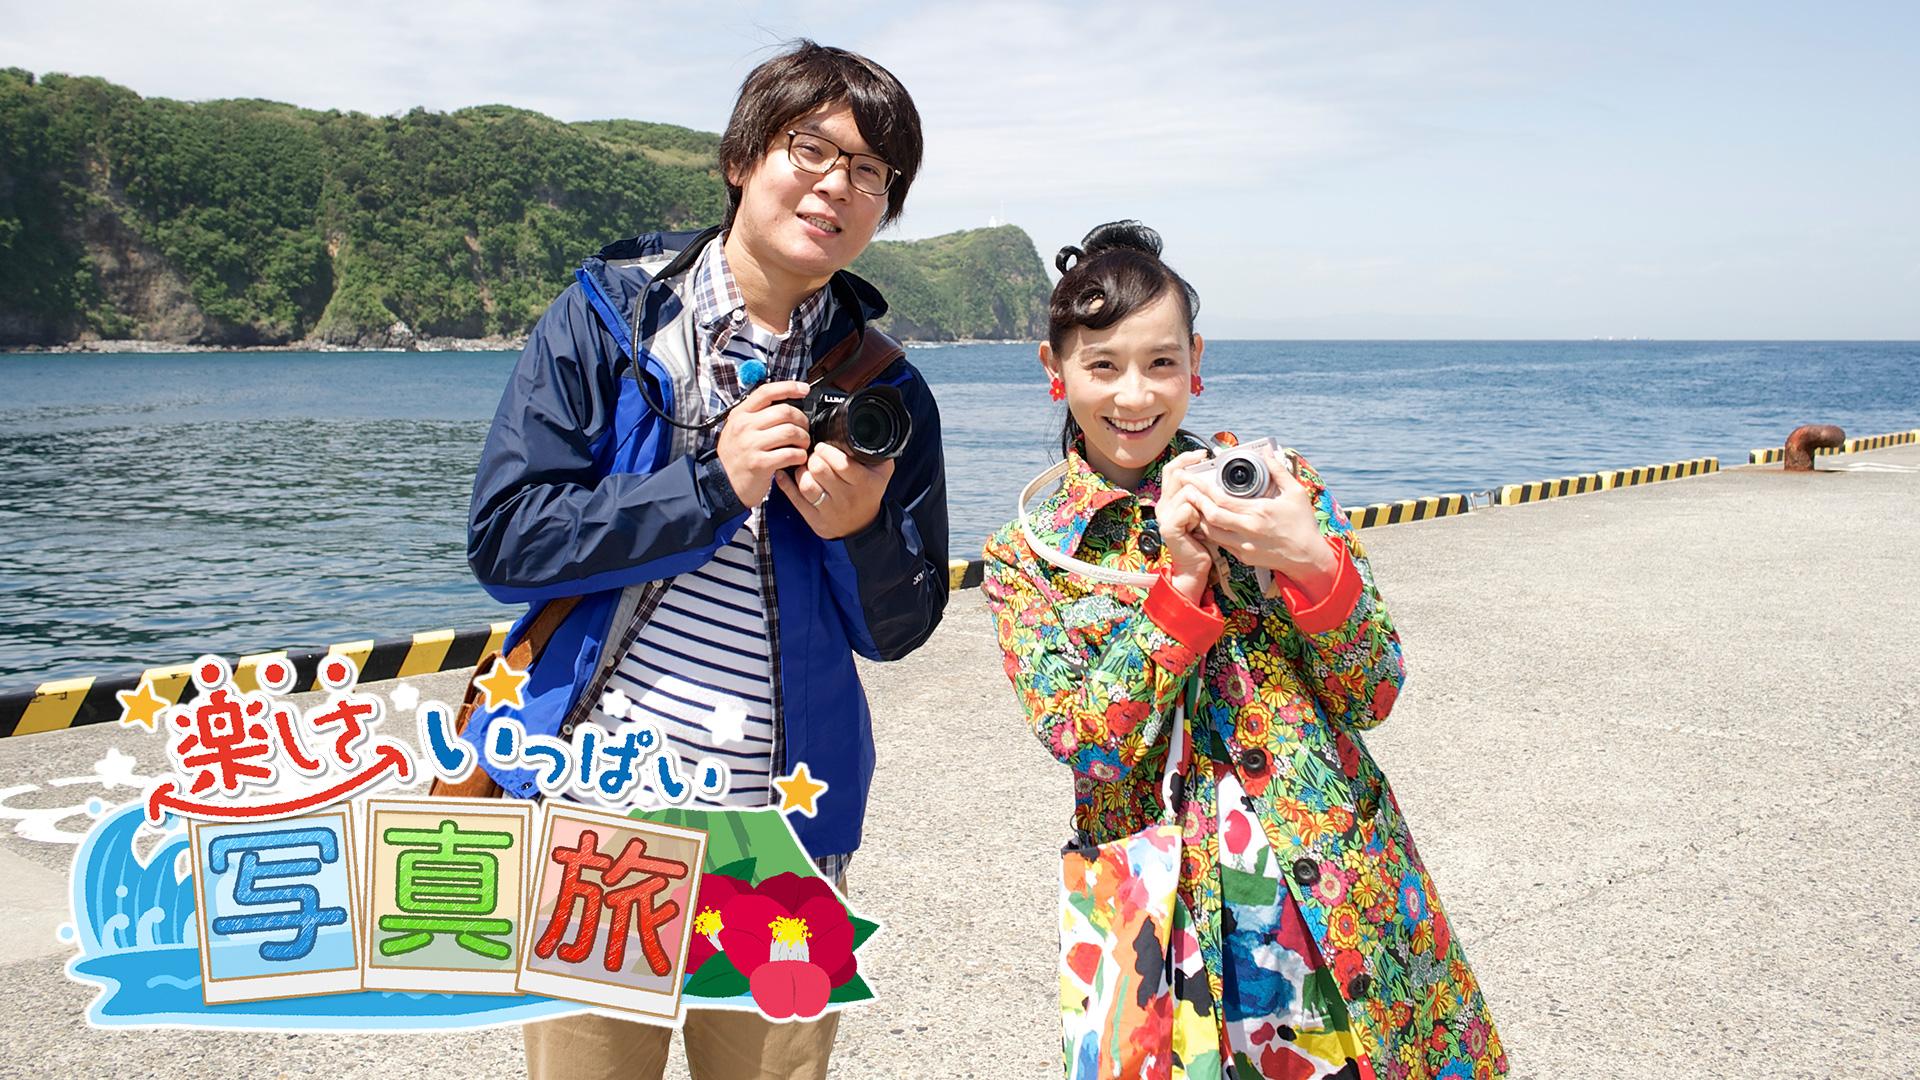 写真:楽しさいっぱい写真旅 ふれあい体験!伊豆大島スペシャル